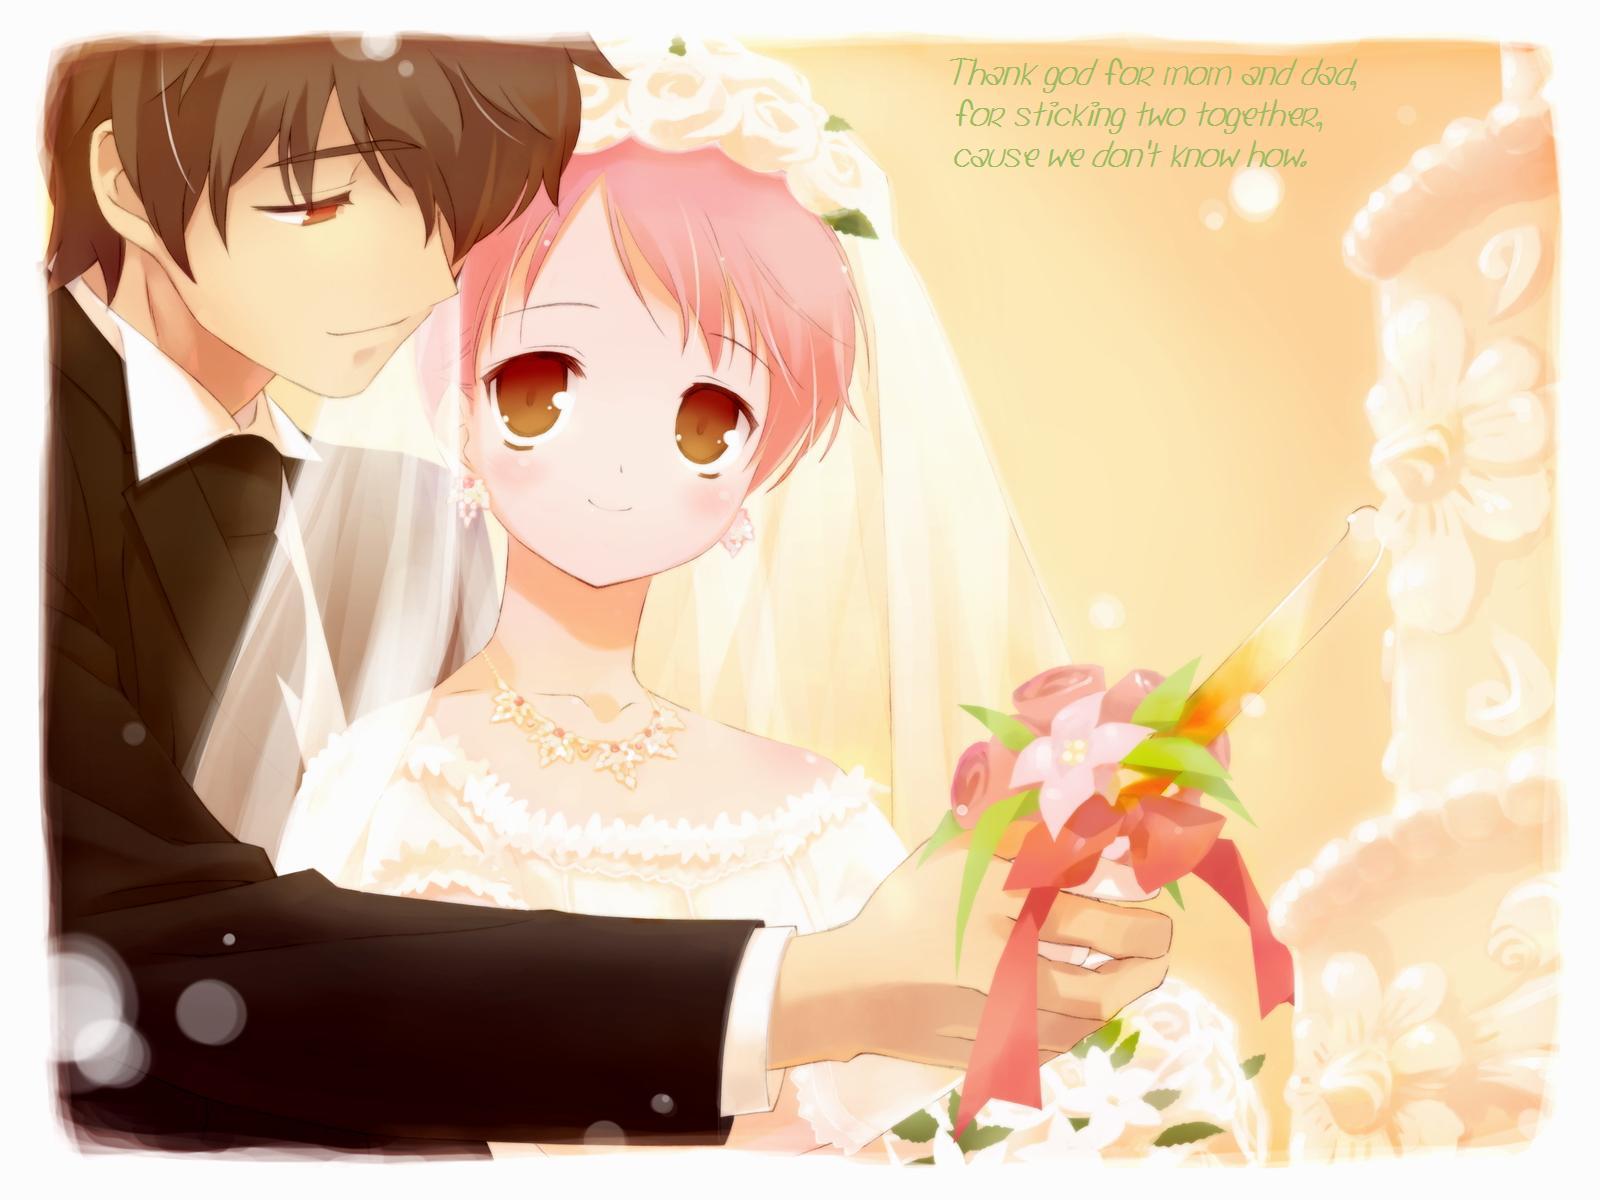 http://4.bp.blogspot.com/-ZXkzL8PBl_Q/TWdqulFcSbI/AAAAAAAAASI/pOUCksJ7Ad8/s1600/Anime_love_wallpaper_Hey_Ya_by_LinkaIstheShit.jpg